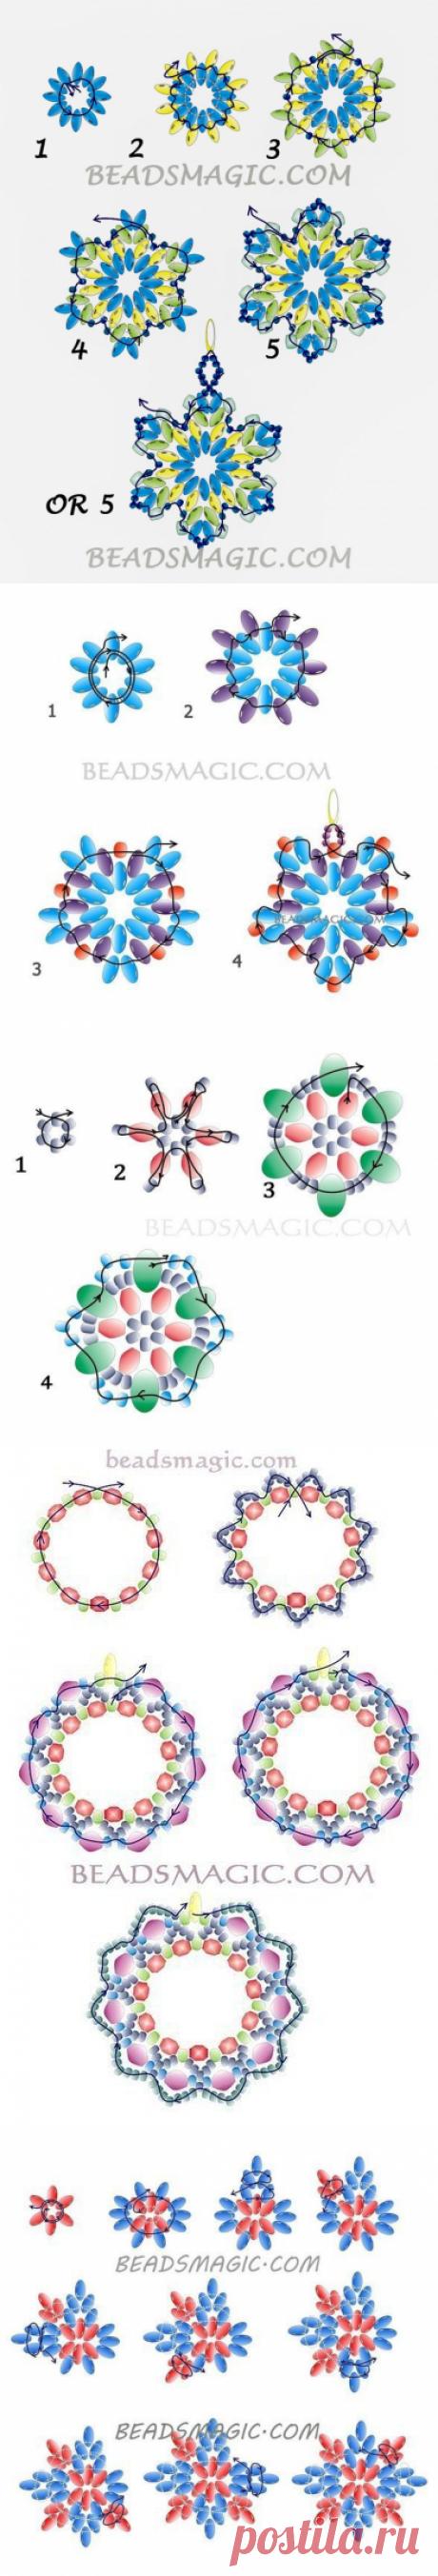 Серёжки из бисера со схемами — Сделай сам, идеи для творчества - DIY Ideas